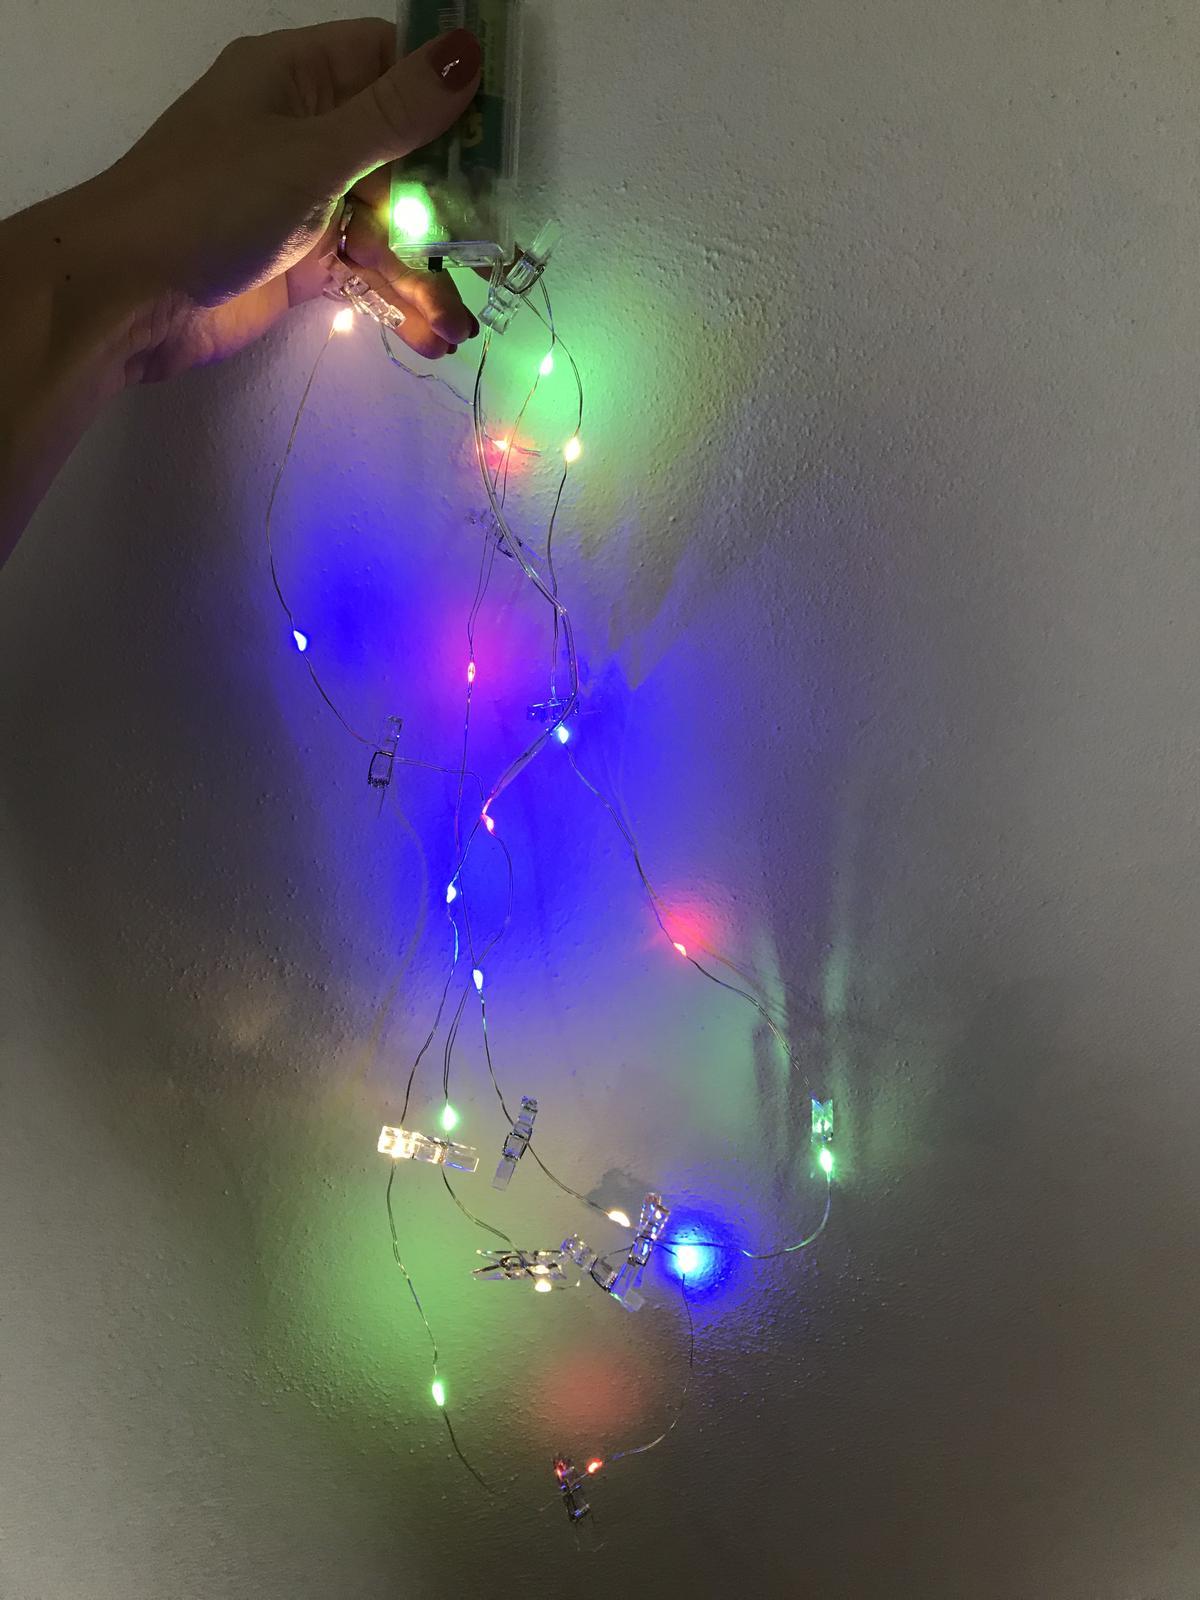 Svítící řetěz s kolíčky na fotografie - Obrázek č. 1